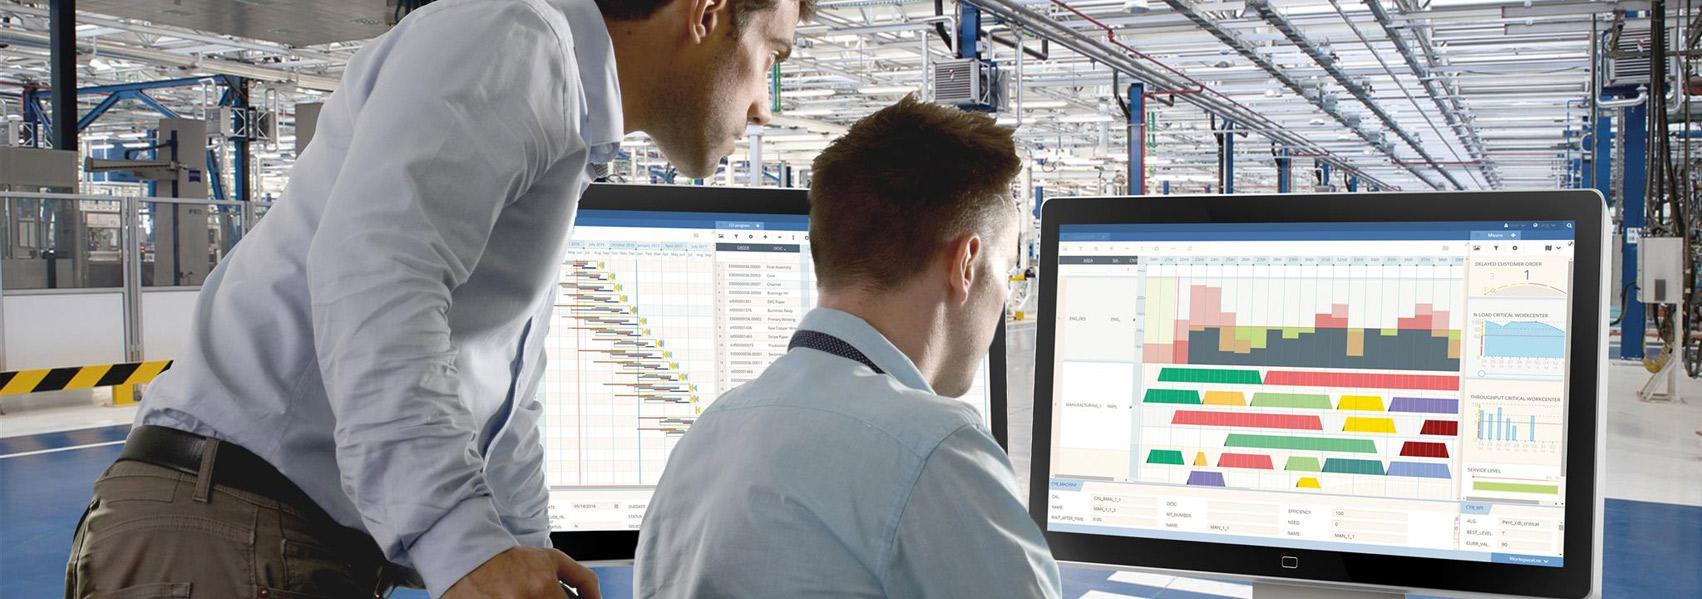 Bewertungen CyberPlan: Erweiterte Planungs- und Planungssoftware - appvizer